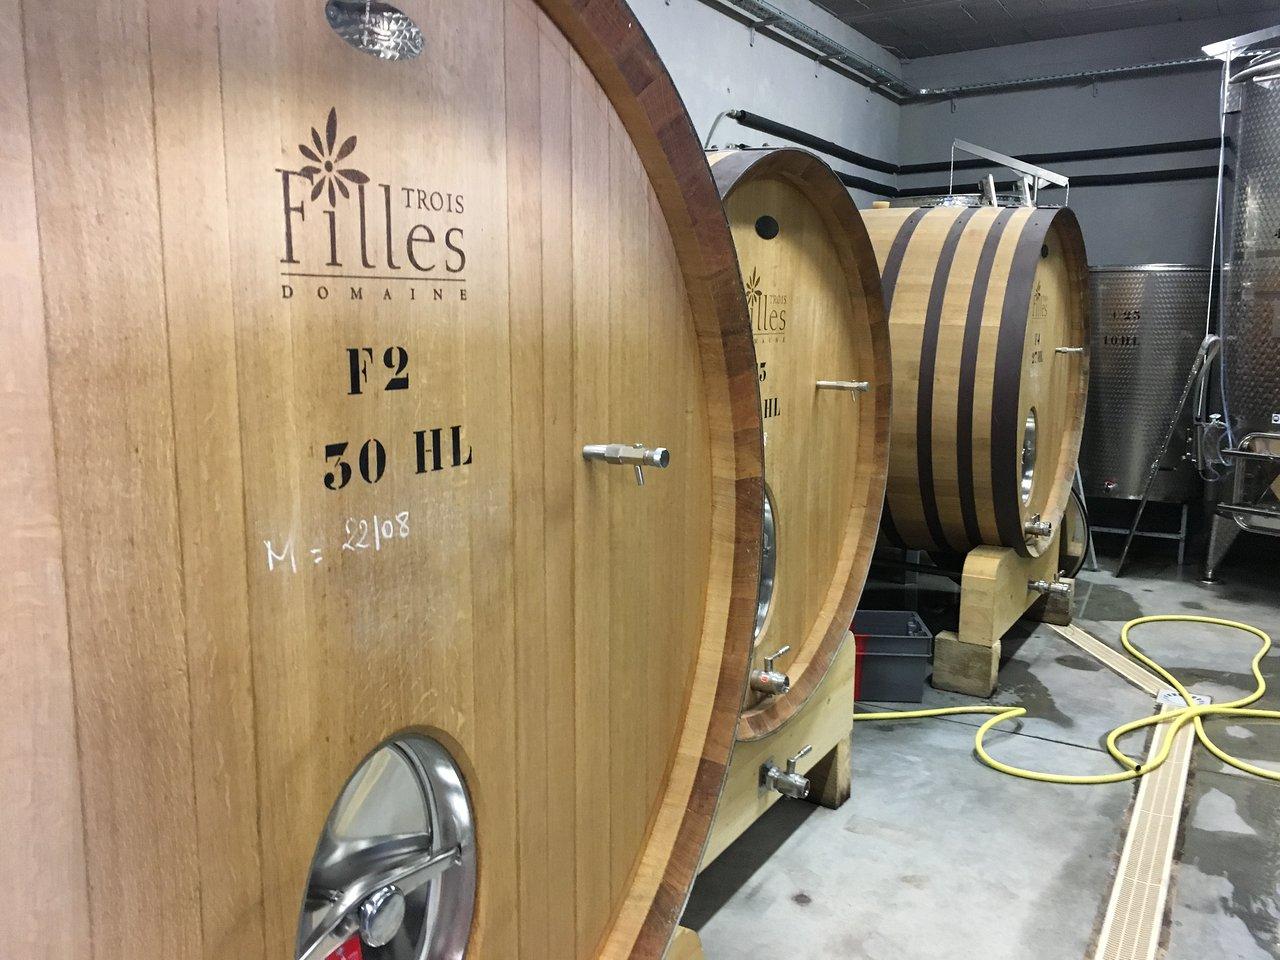 Massif Paysager Frais L Insolite Wine tour La Valette Du Var 2020 Ce Qu Il